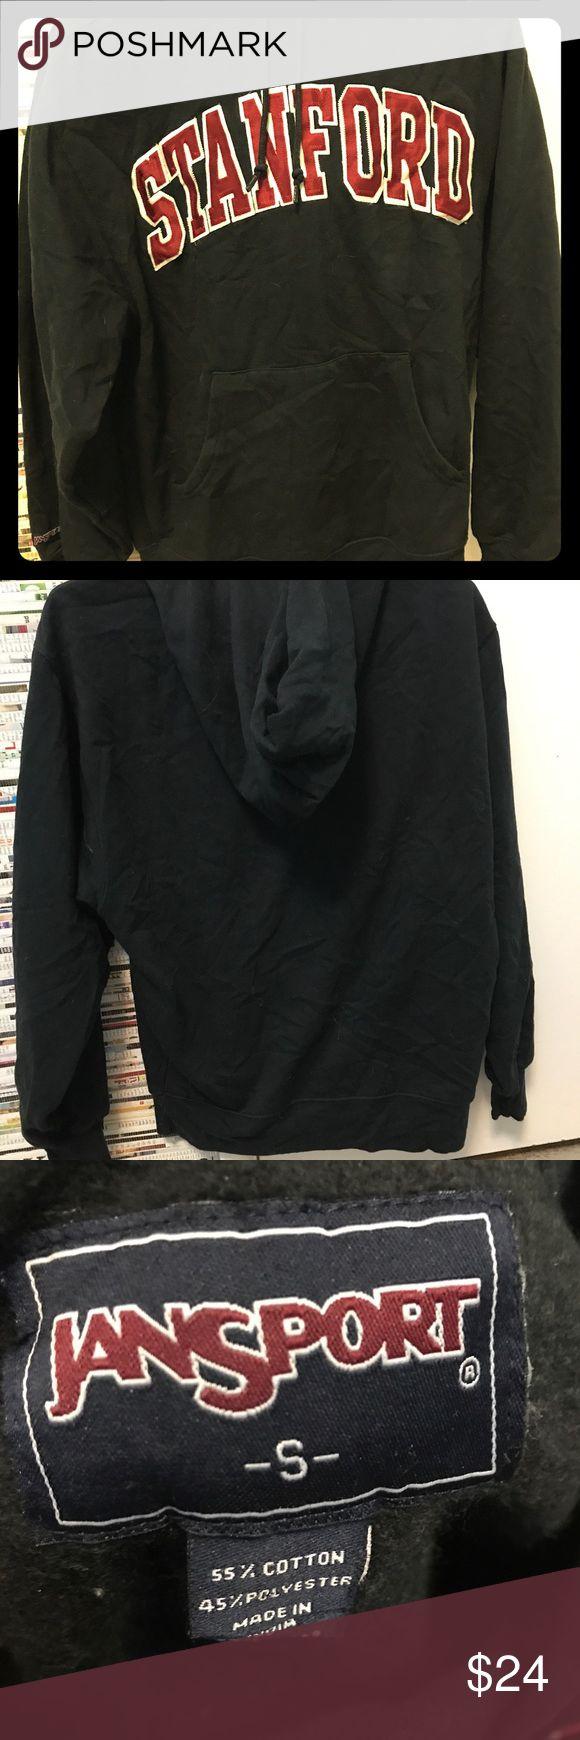 Original Jansport collagiate (Stanford) hoodie Never worn jansport Stanford hoodie with pockets Jansport Tops Sweatshirts & Hoodies